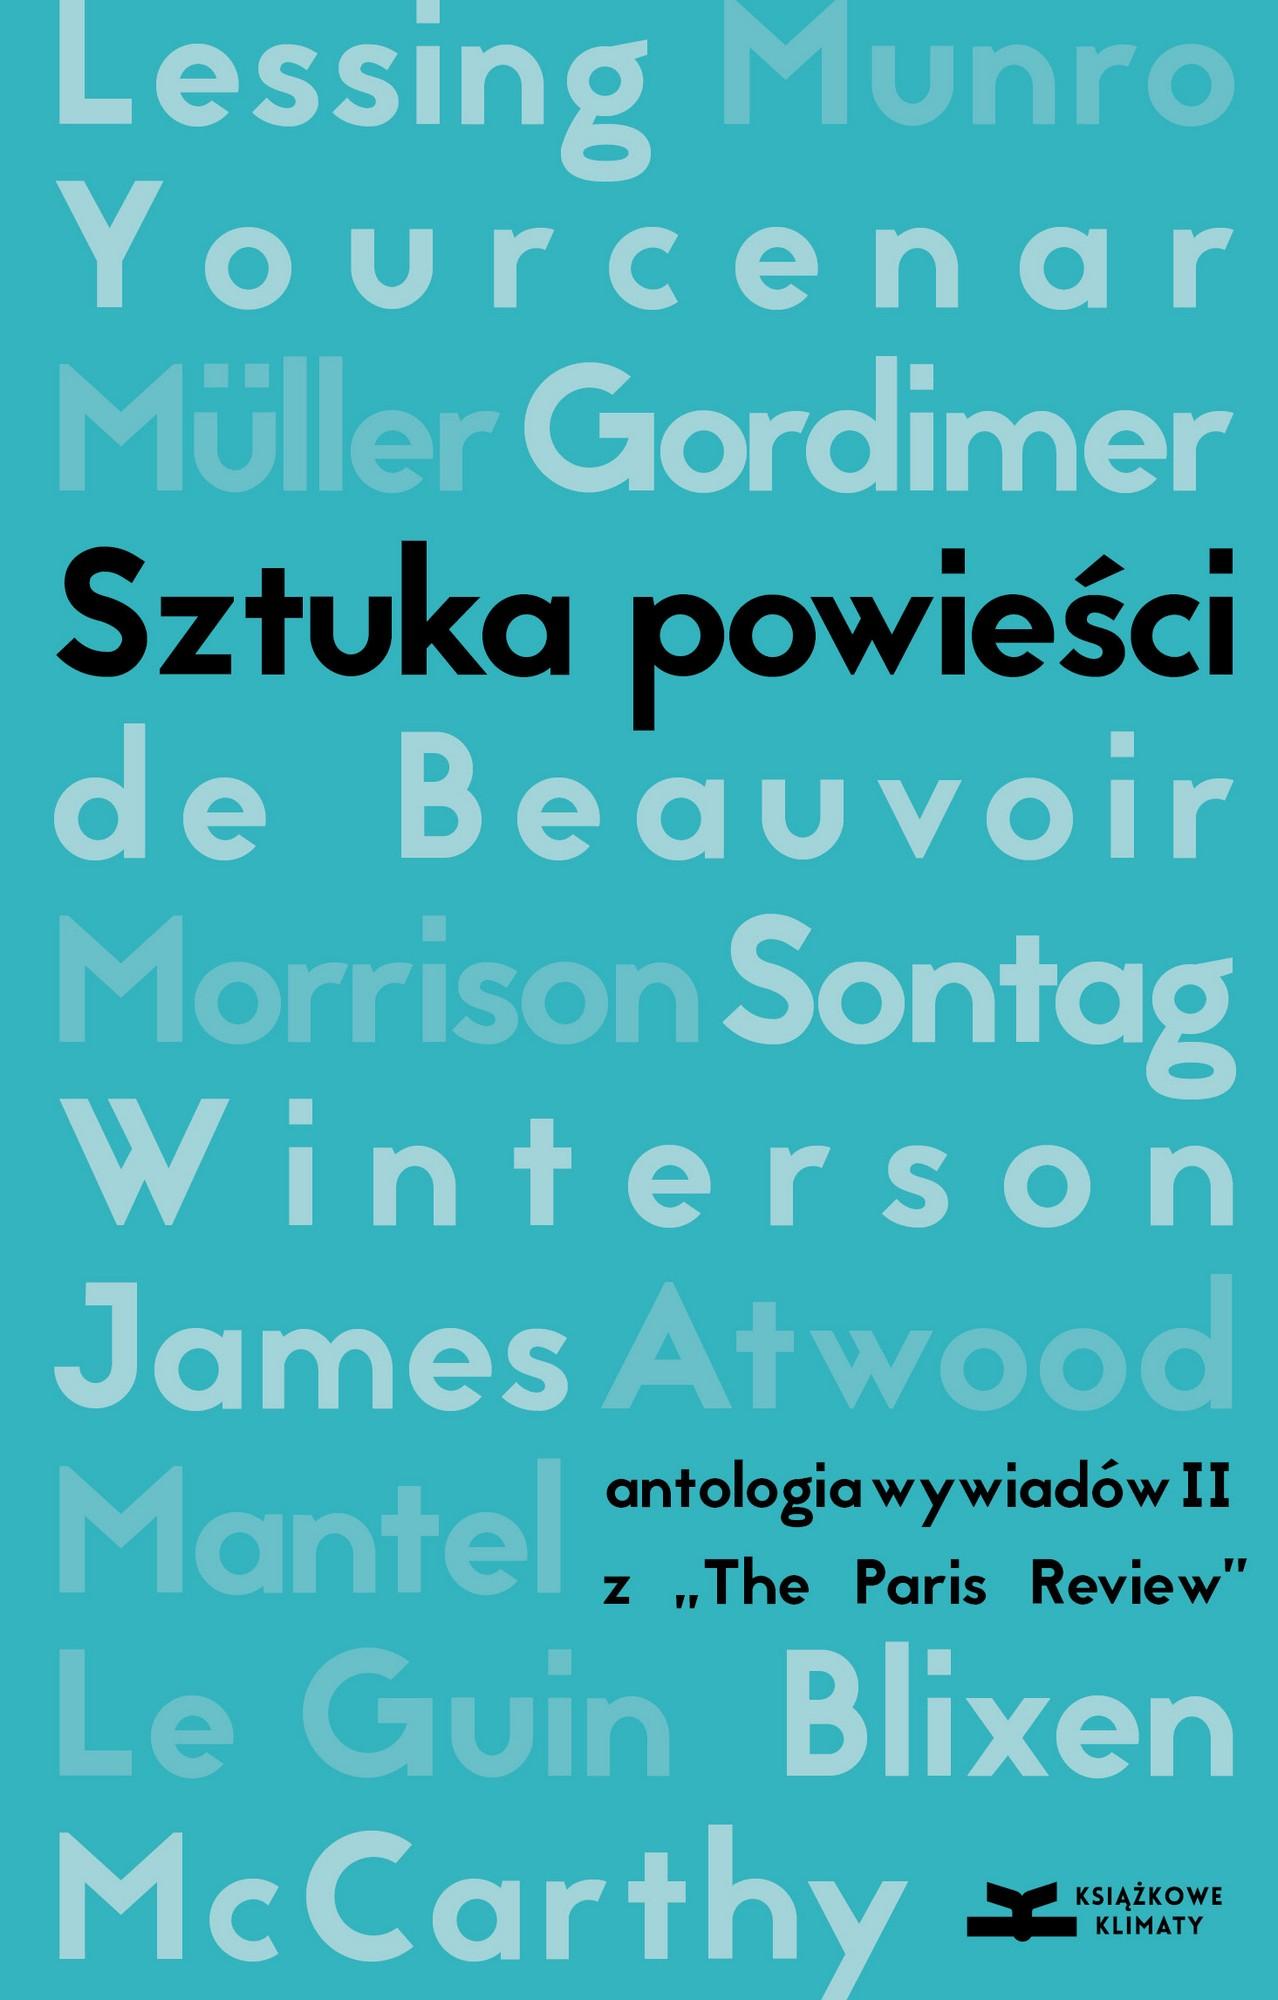 """""""Sztuka powieści. Antologia wywiadów z The Paris Review II"""" – okładka (źródło: materiały prasowe)"""